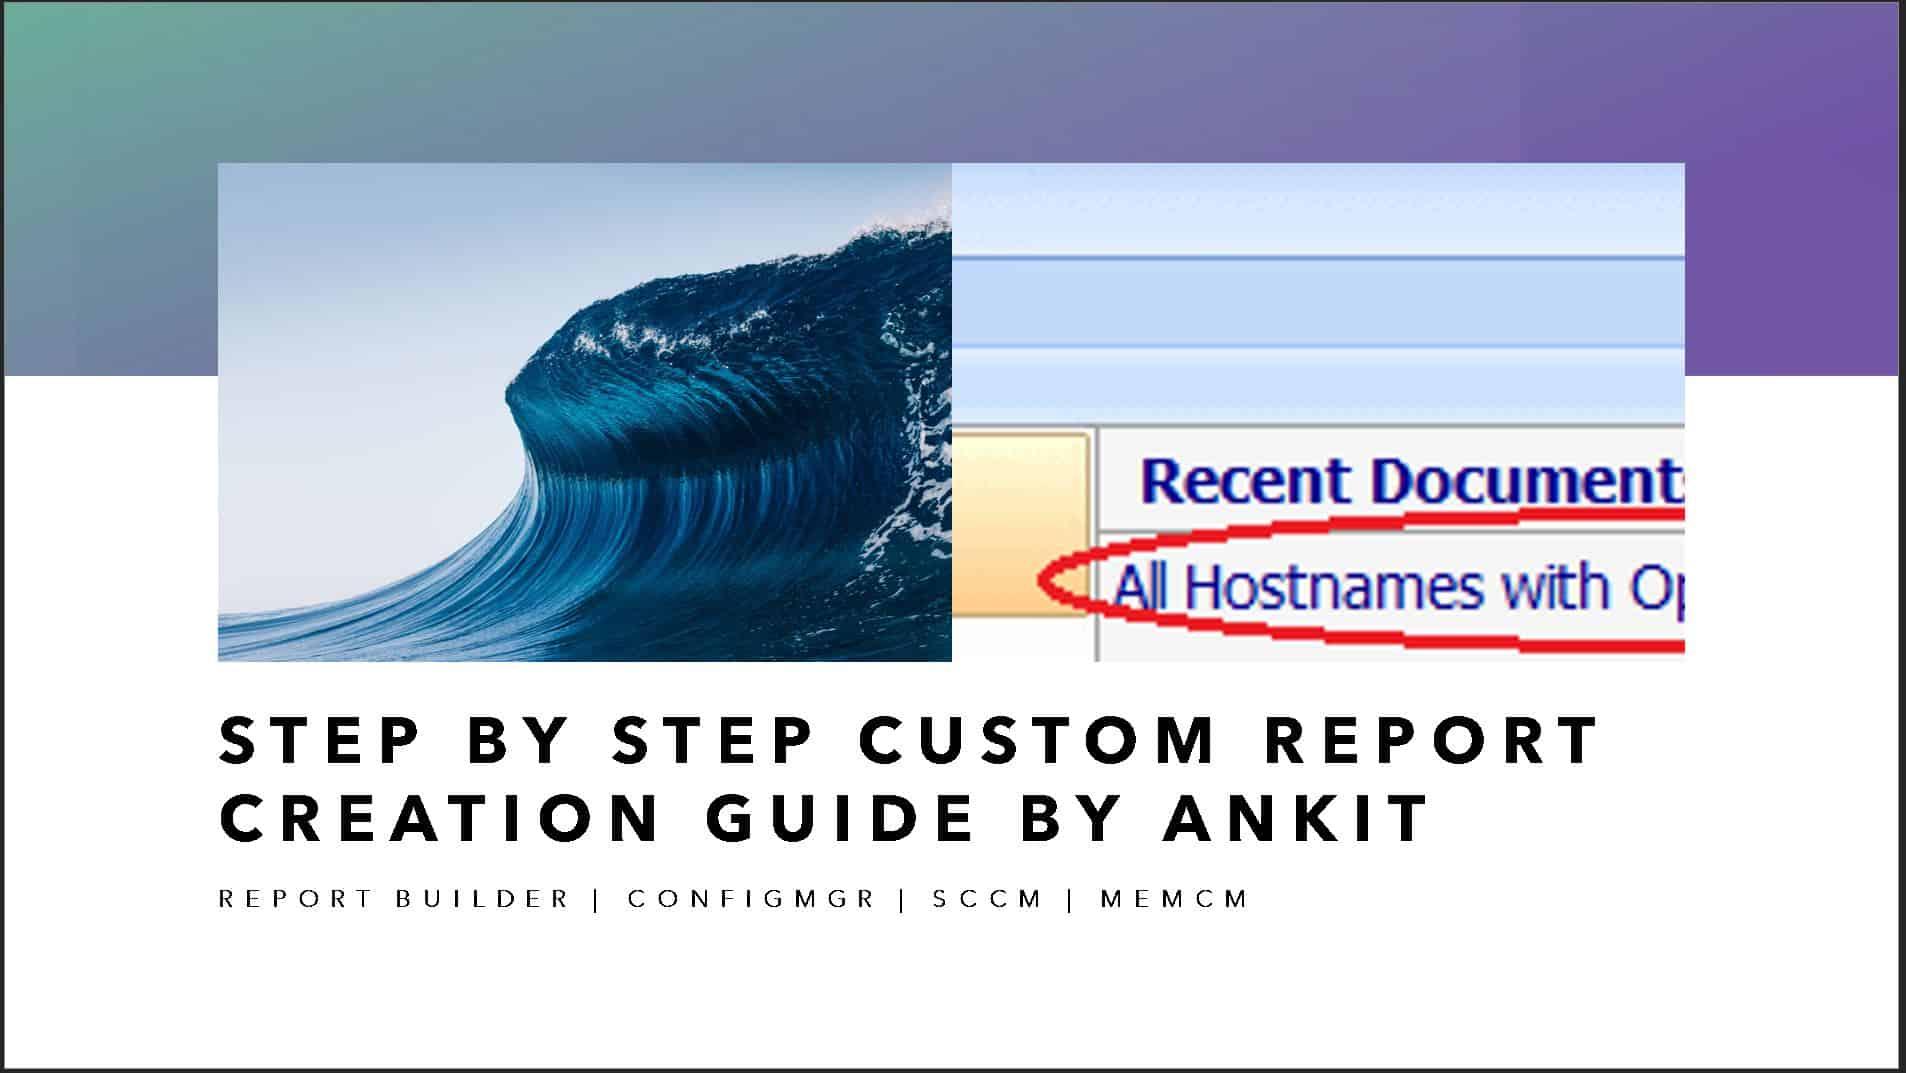 SCCM Create Custom Report Using Report Builder